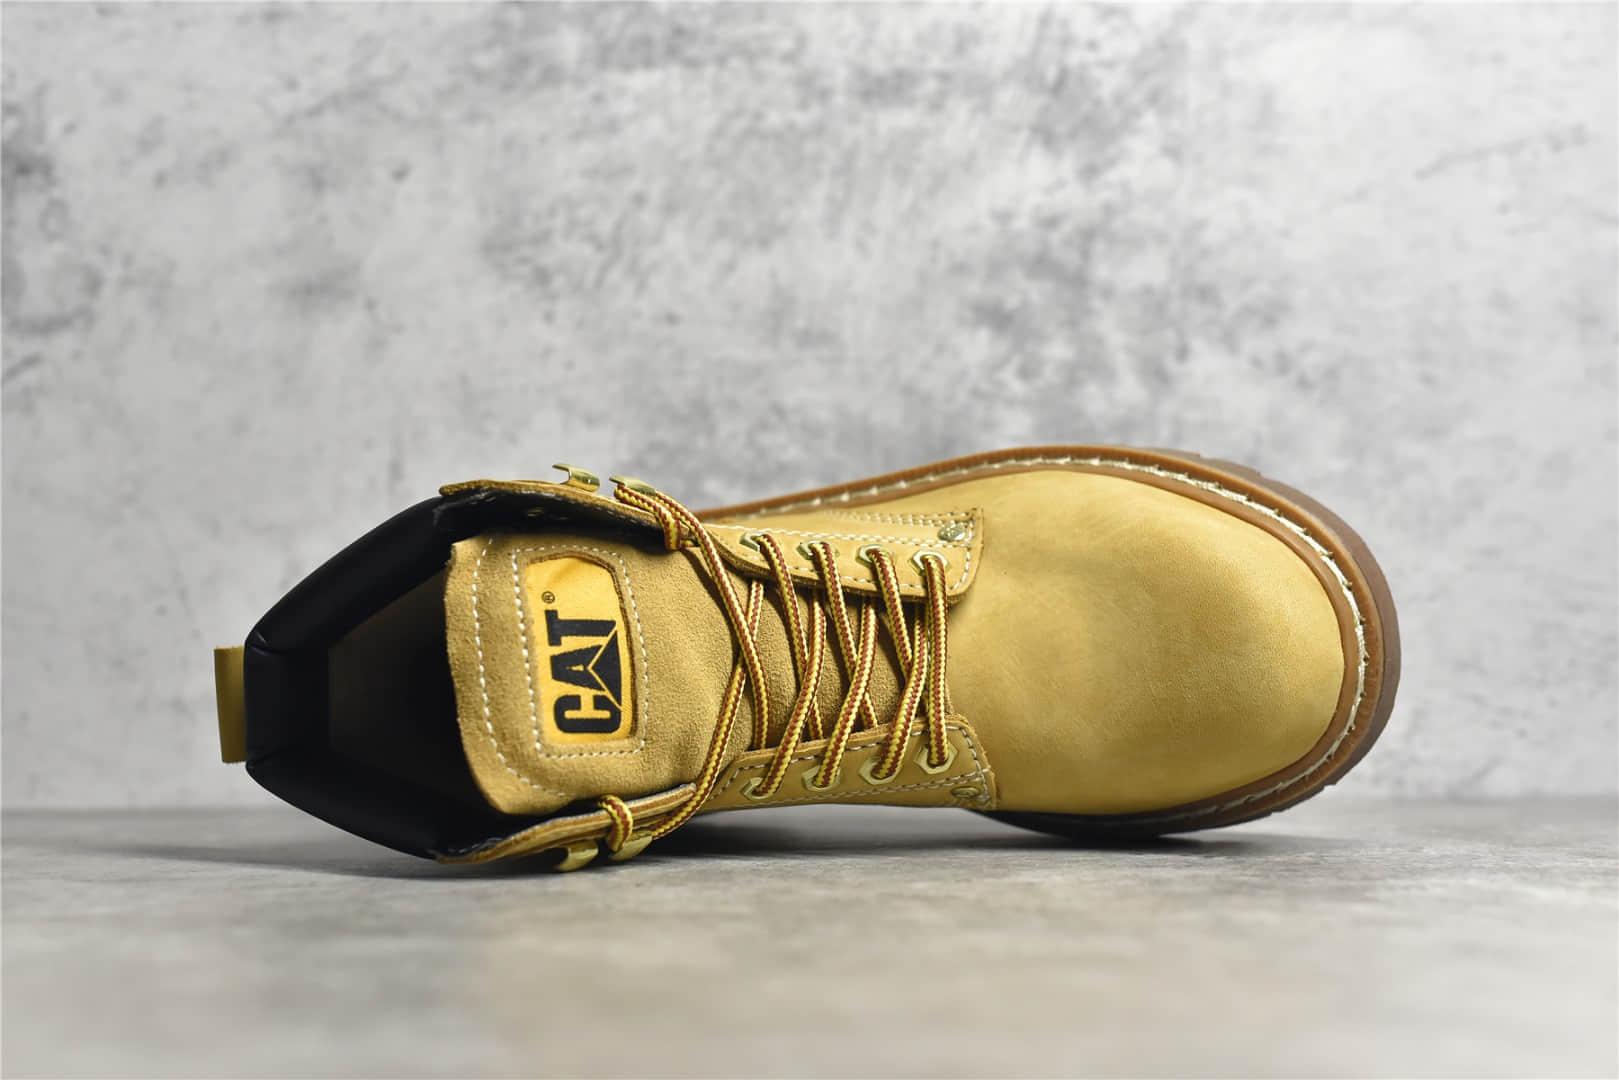 卡特大黄靴高帮 CATFOOTWEAR CAT卡特大黄靴水晶底 冬天高帮保暖靴-潮流者之家